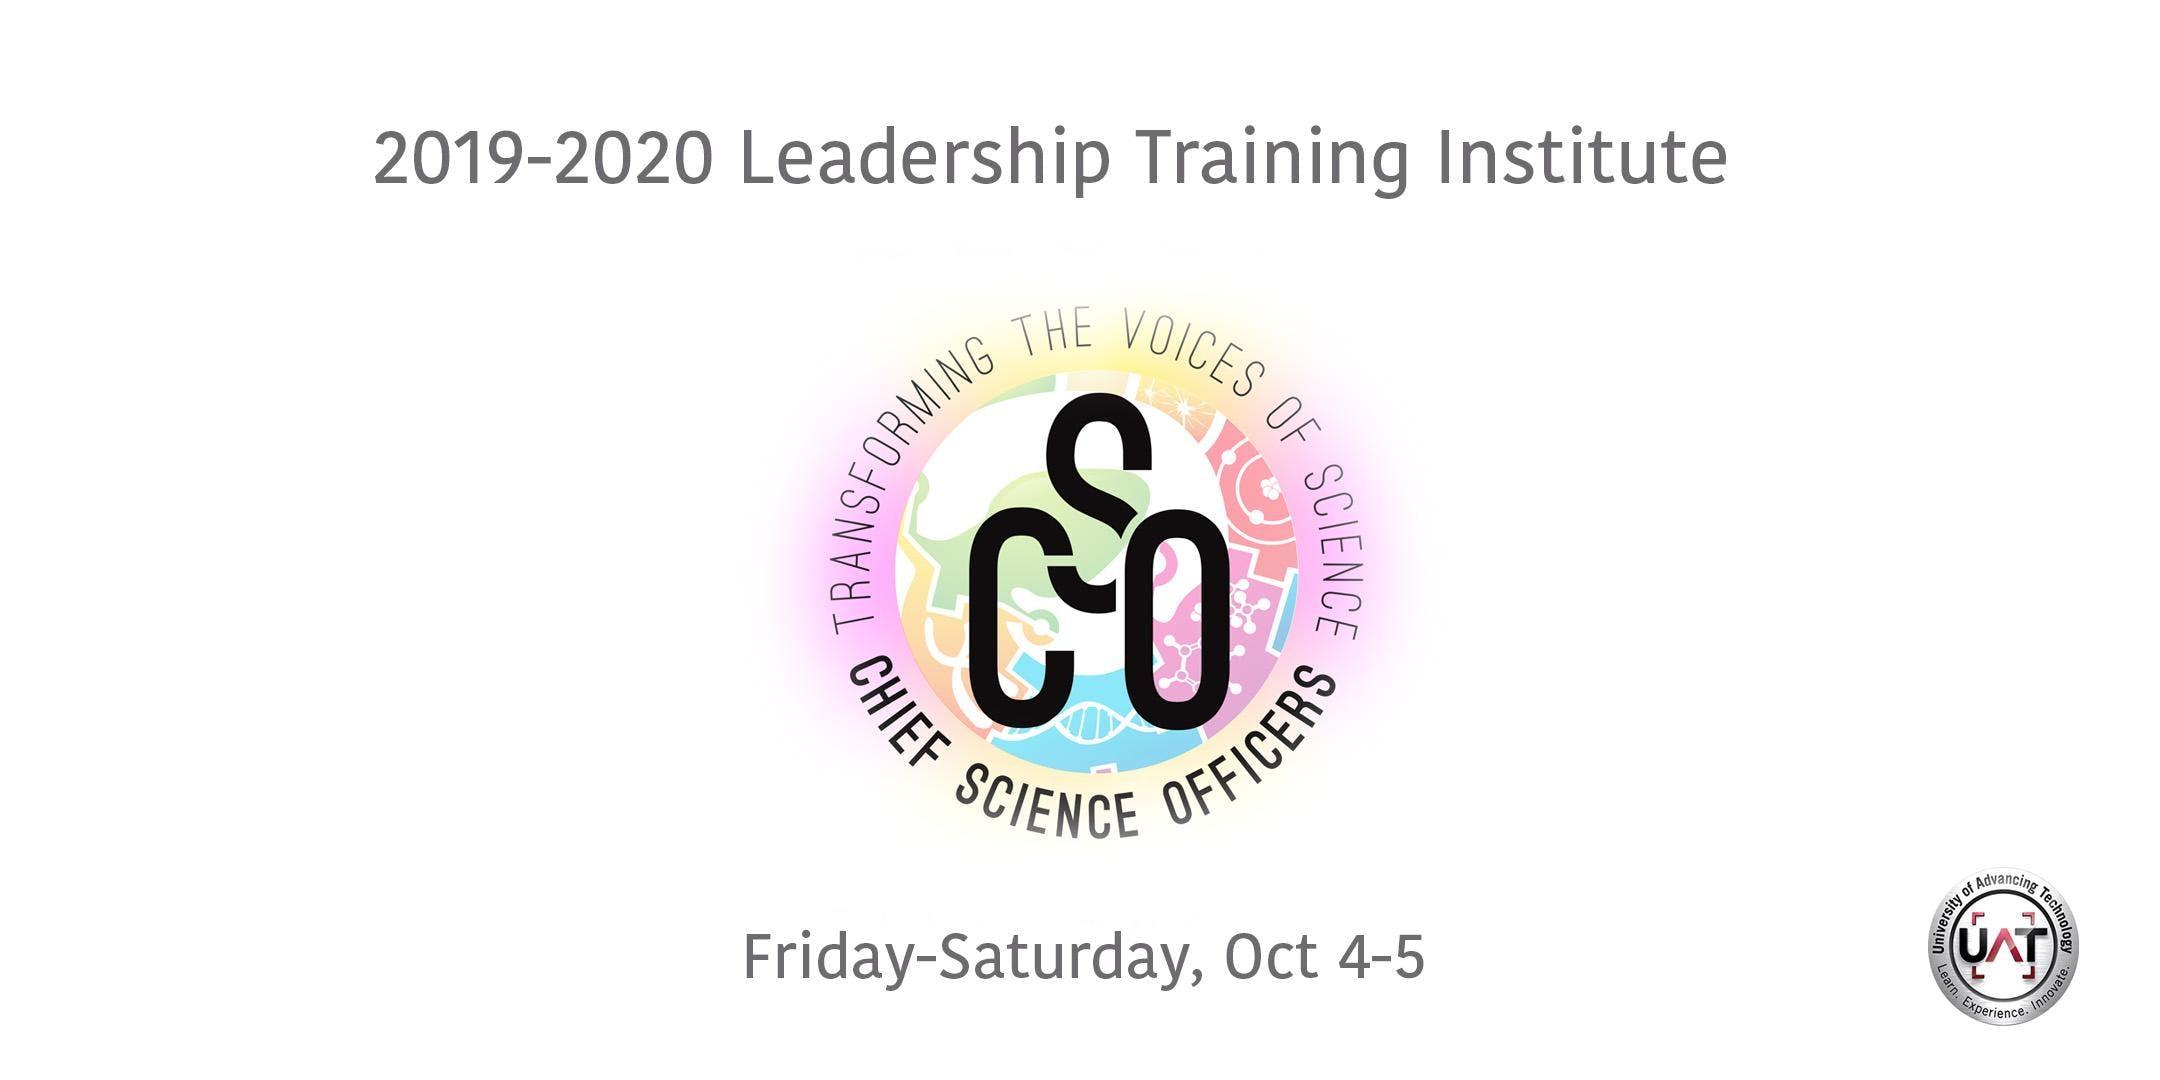 2019-2020 Leadership Training Institute at UAT